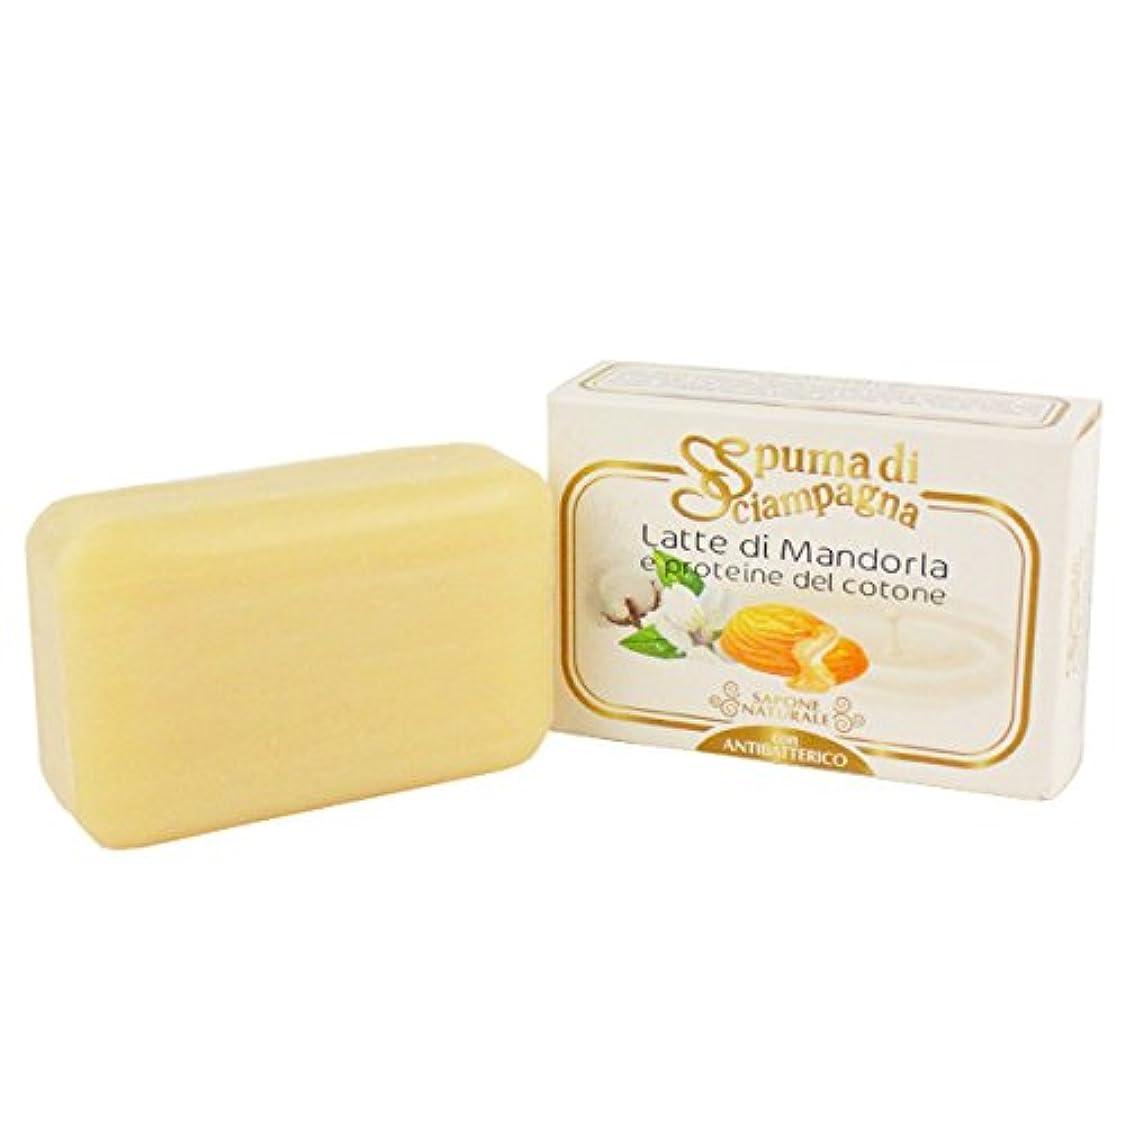 レバードライブ入手しますSpuma di Sciampagna (スプーマ ディ シャンパーニャ) ナチュラルソープ 化粧石けん 145g アーモンドの香り